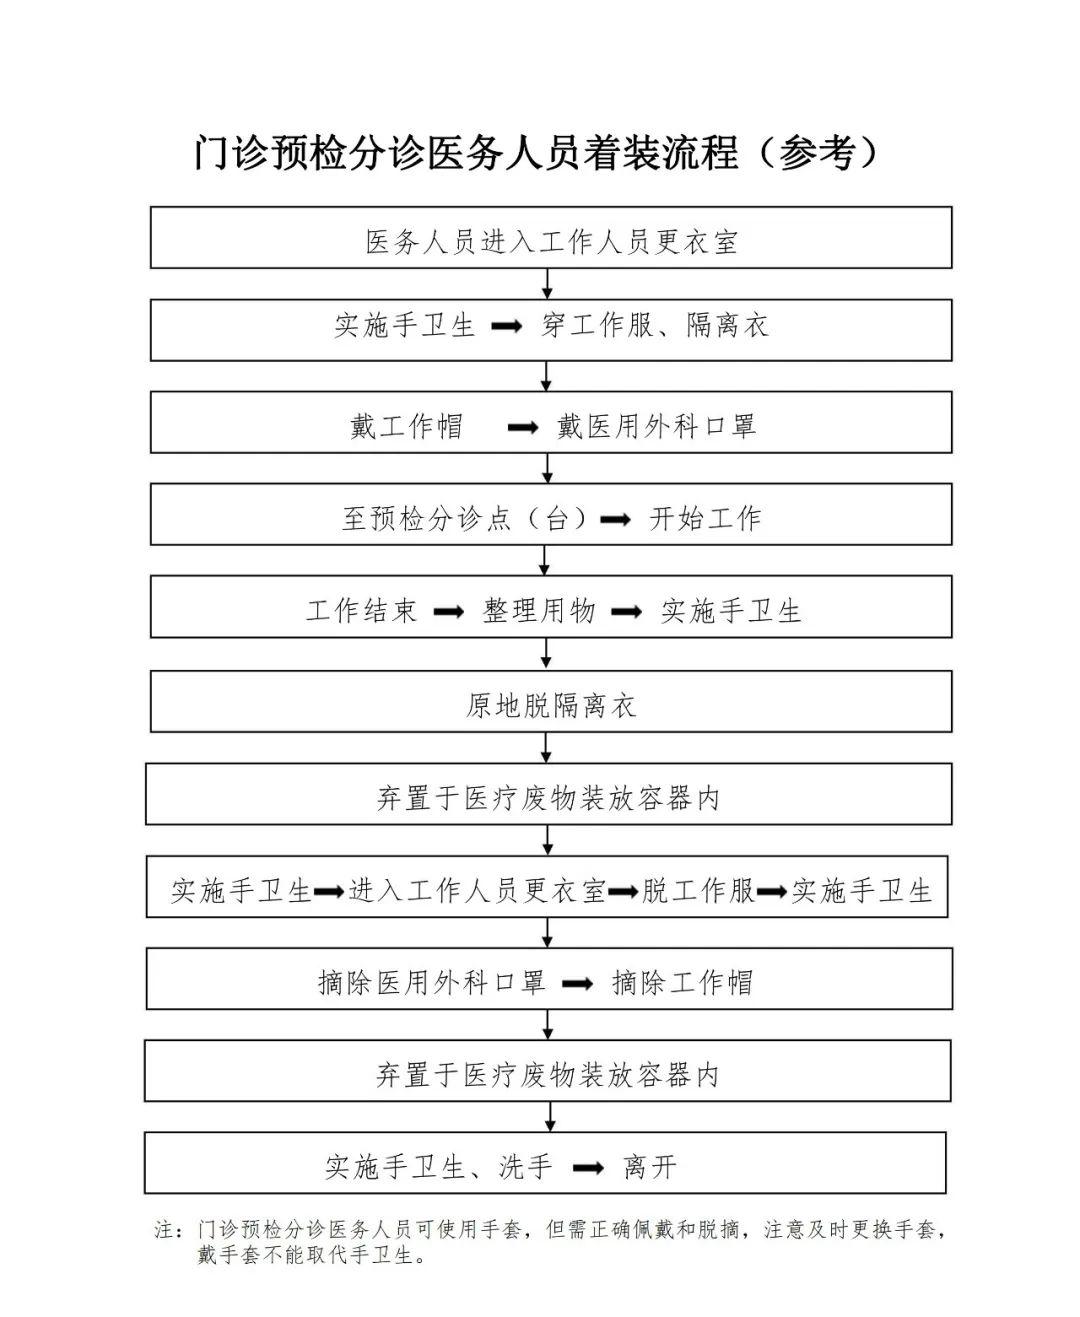 【公司】超!官方防控108个院感发布权威指浙江古建筑设计院流程图片